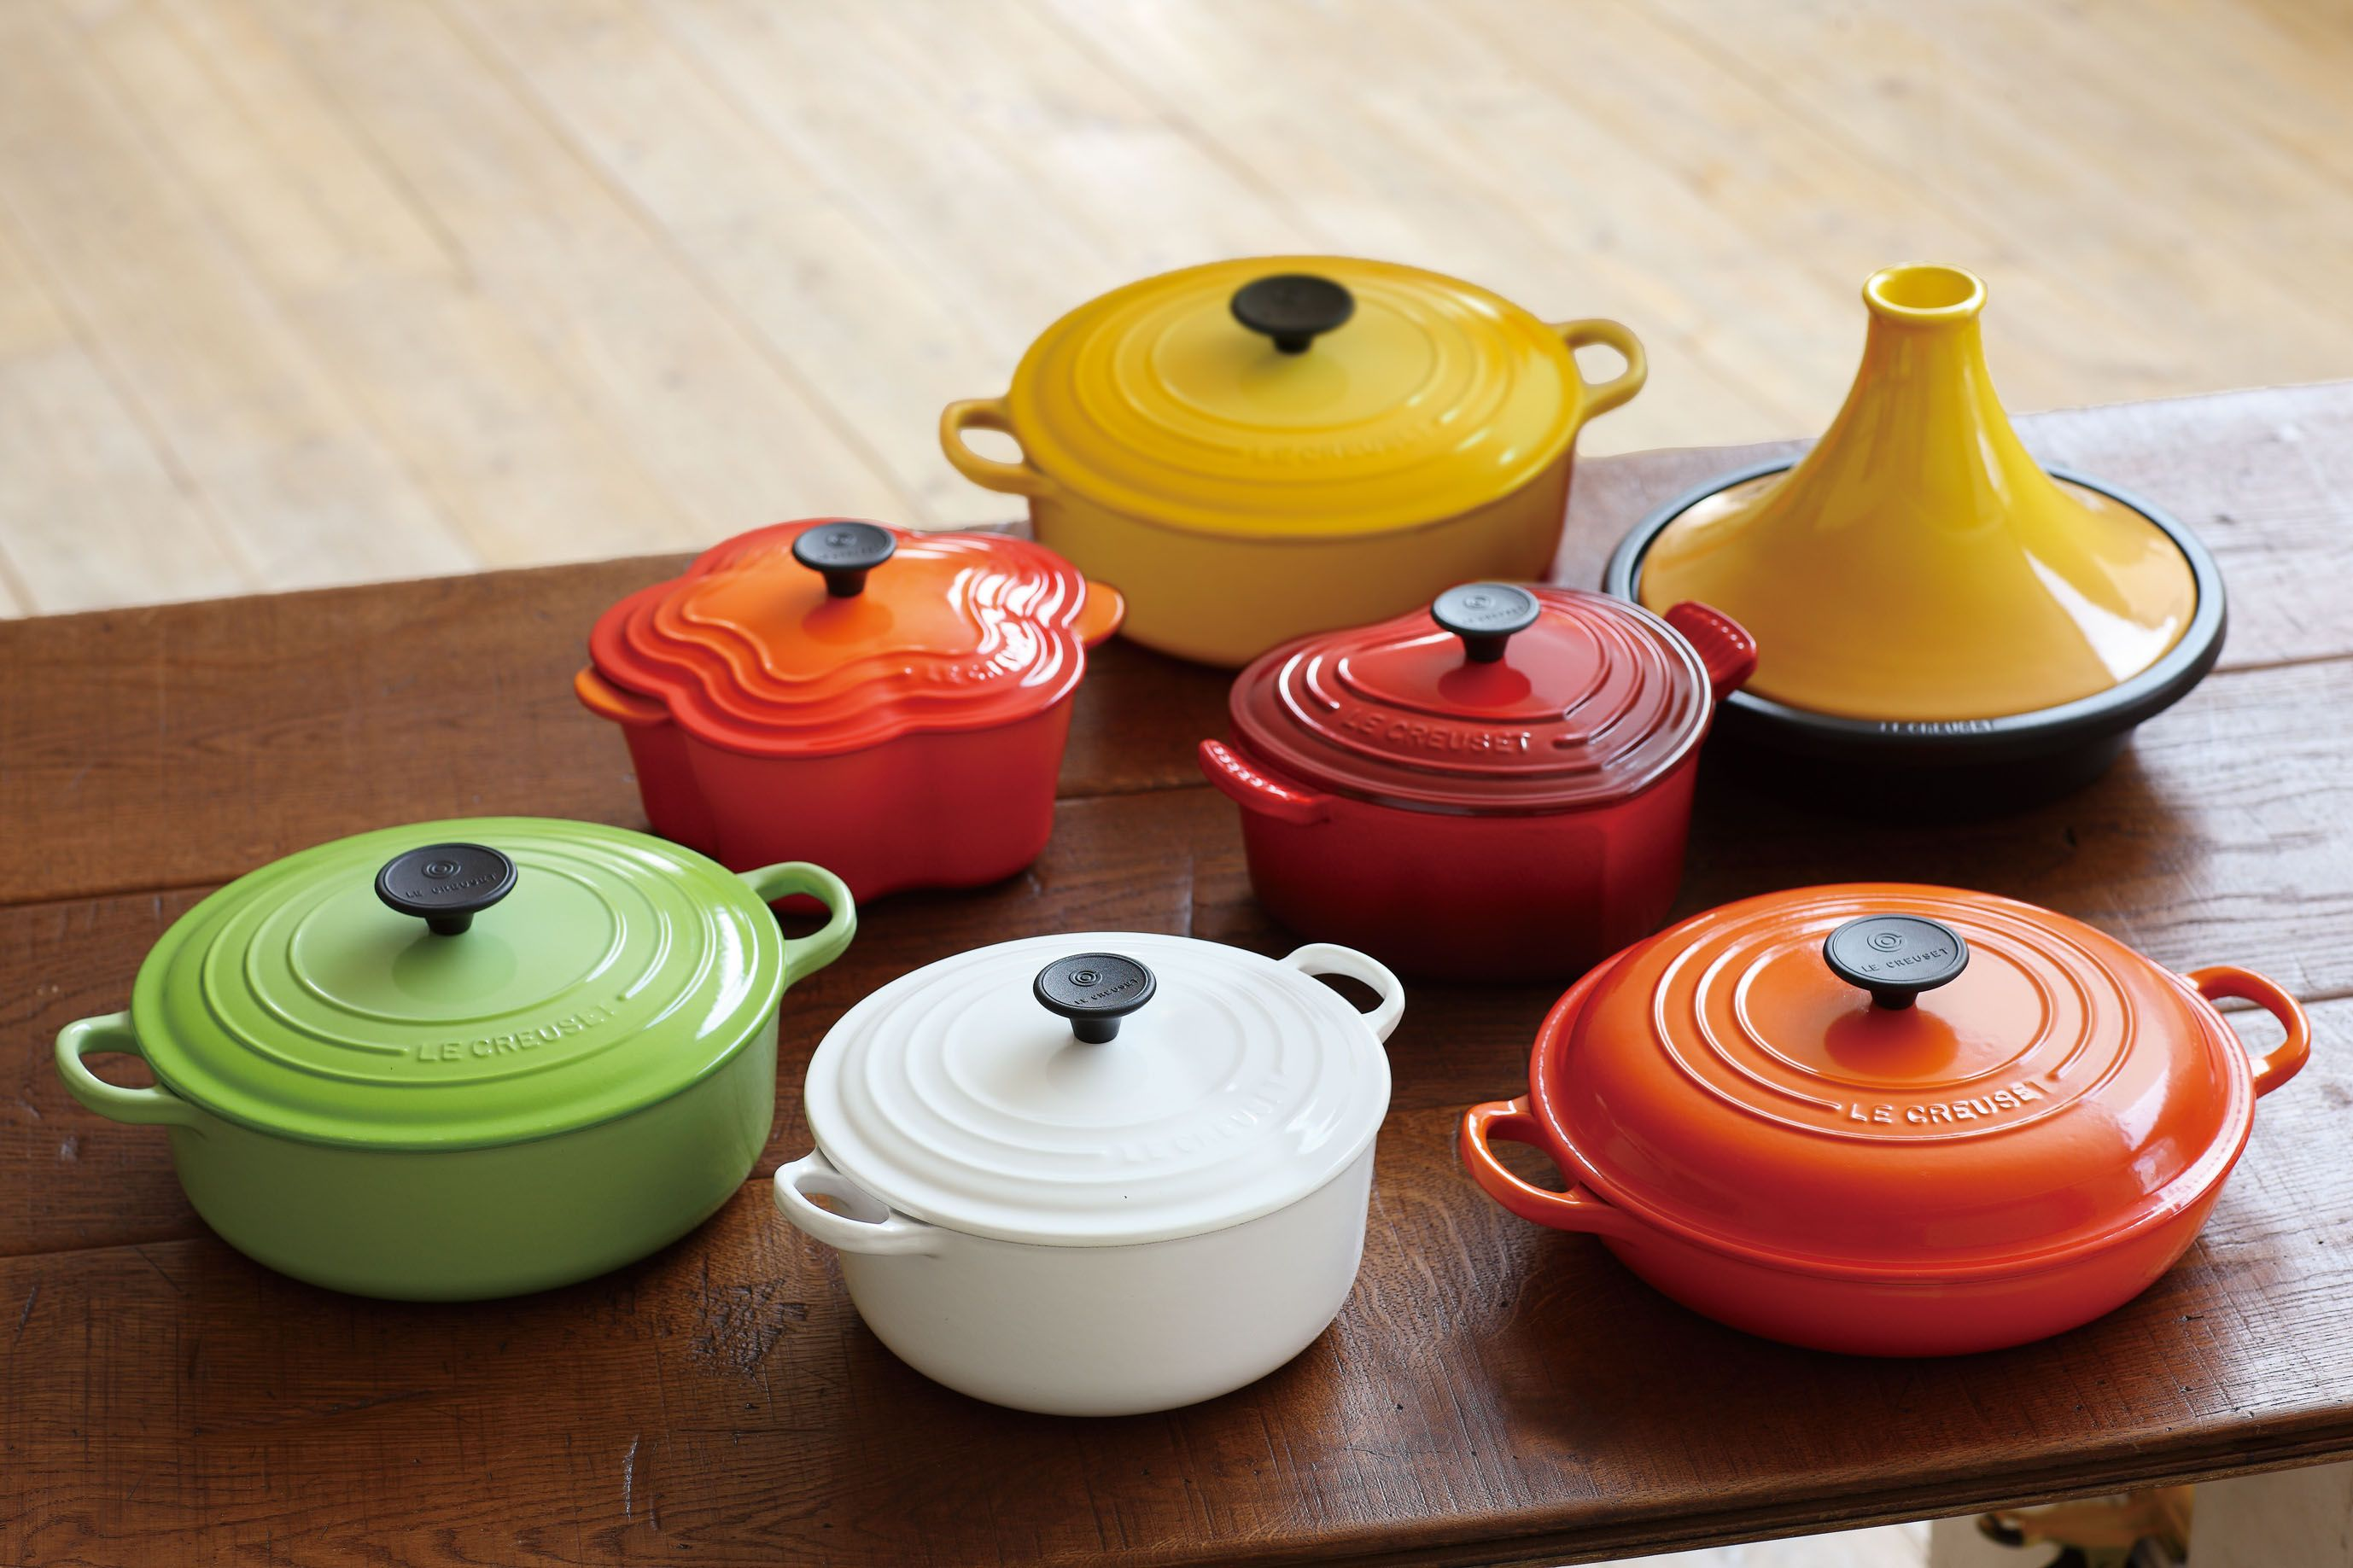 ル・クルーゼの色々なお鍋。  http://www.lecreuset.co.jp/onlineshop/